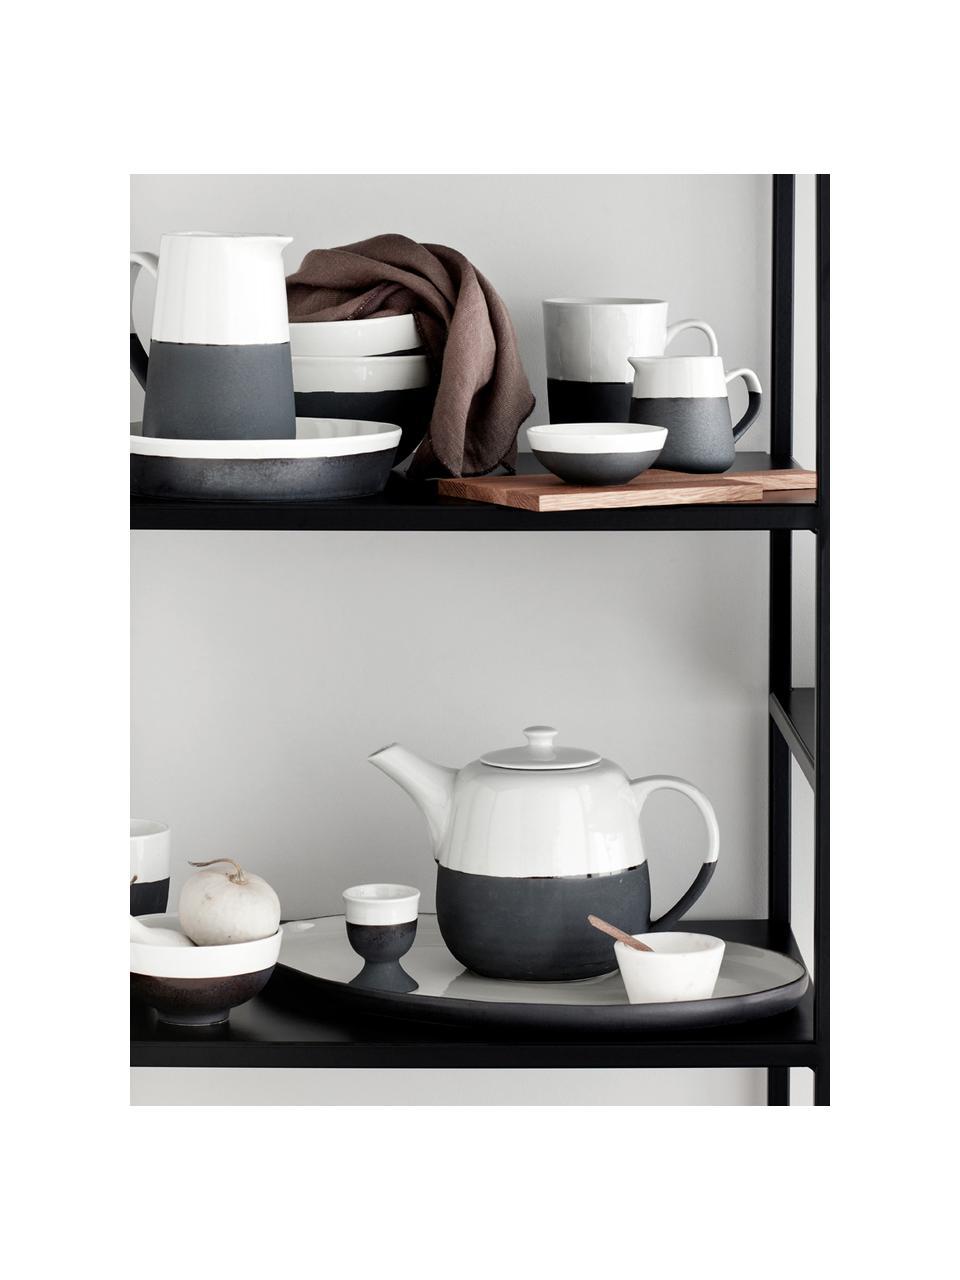 Théière artisanale bicolore Esrum, 1,4 L, Blanc ivoire, gris-brun